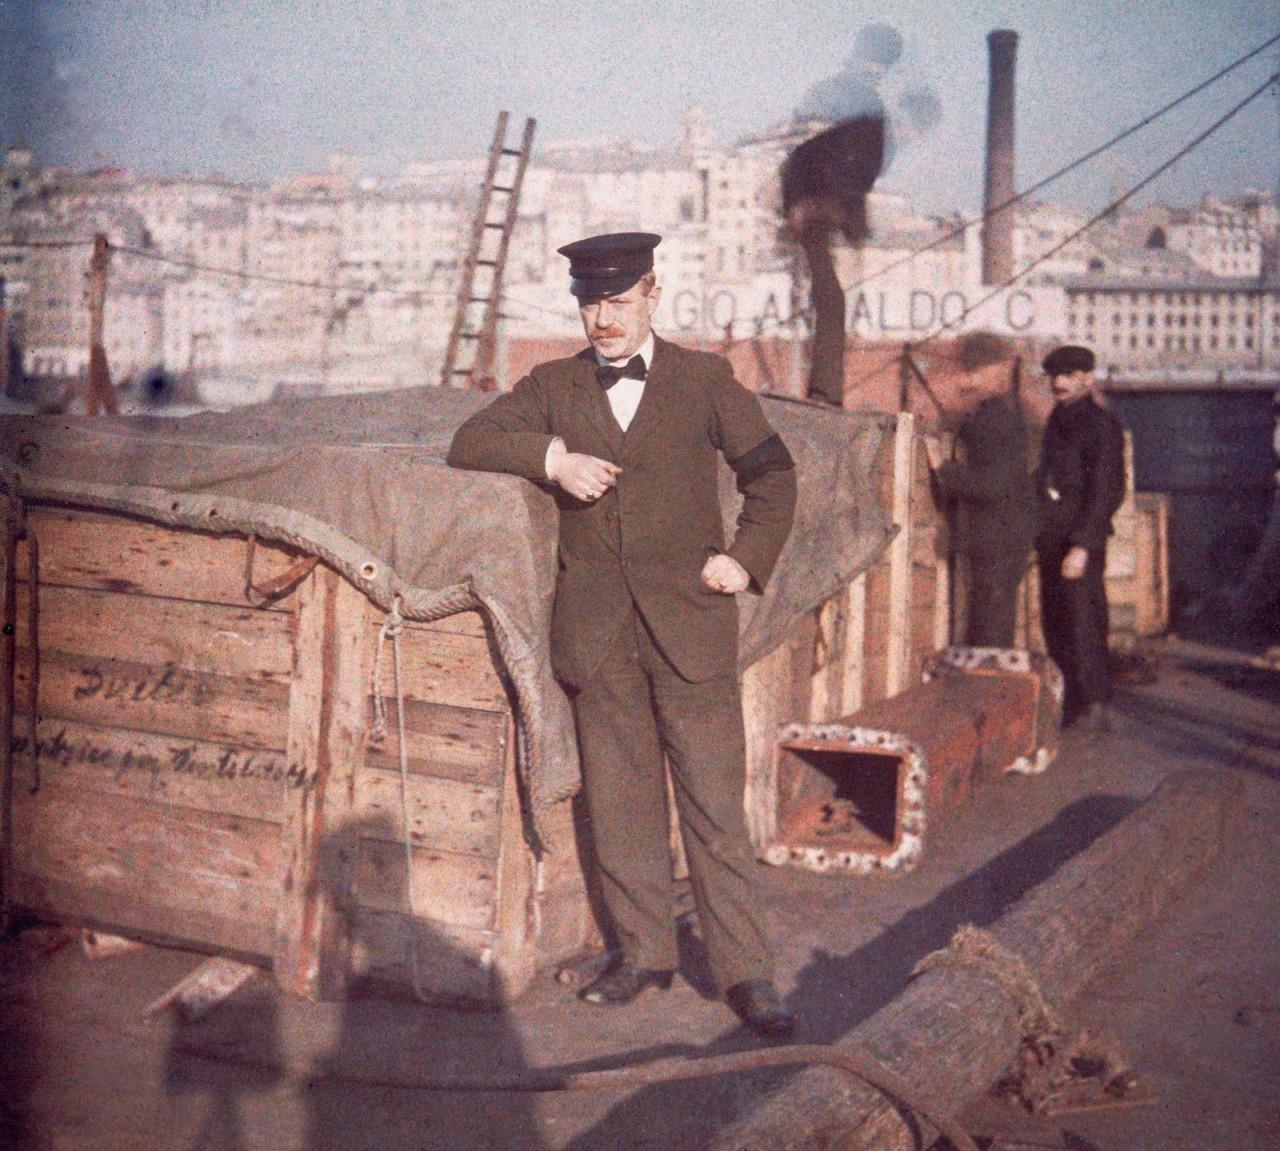 Портовые рабочие на итальянском линкоре «Кайо Дуилио» в Генуэзском порту. Автохром, 1910-е